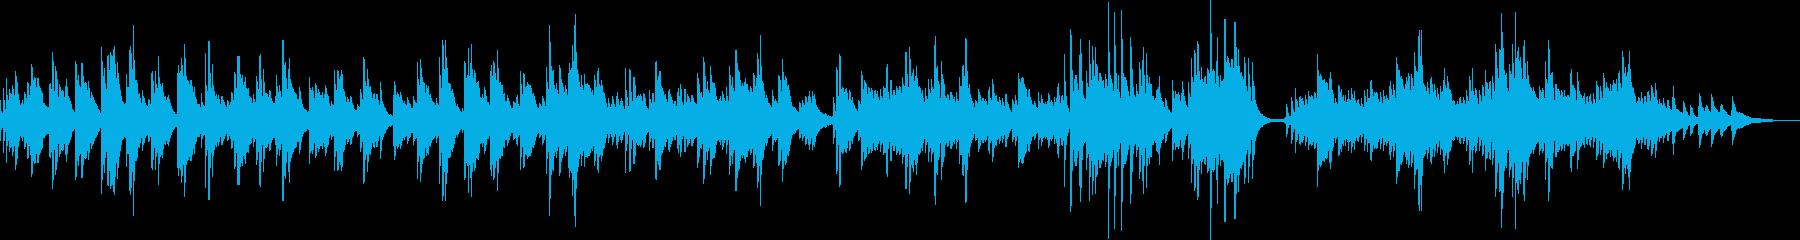 切なくて感動的なピアノバラード曲の再生済みの波形